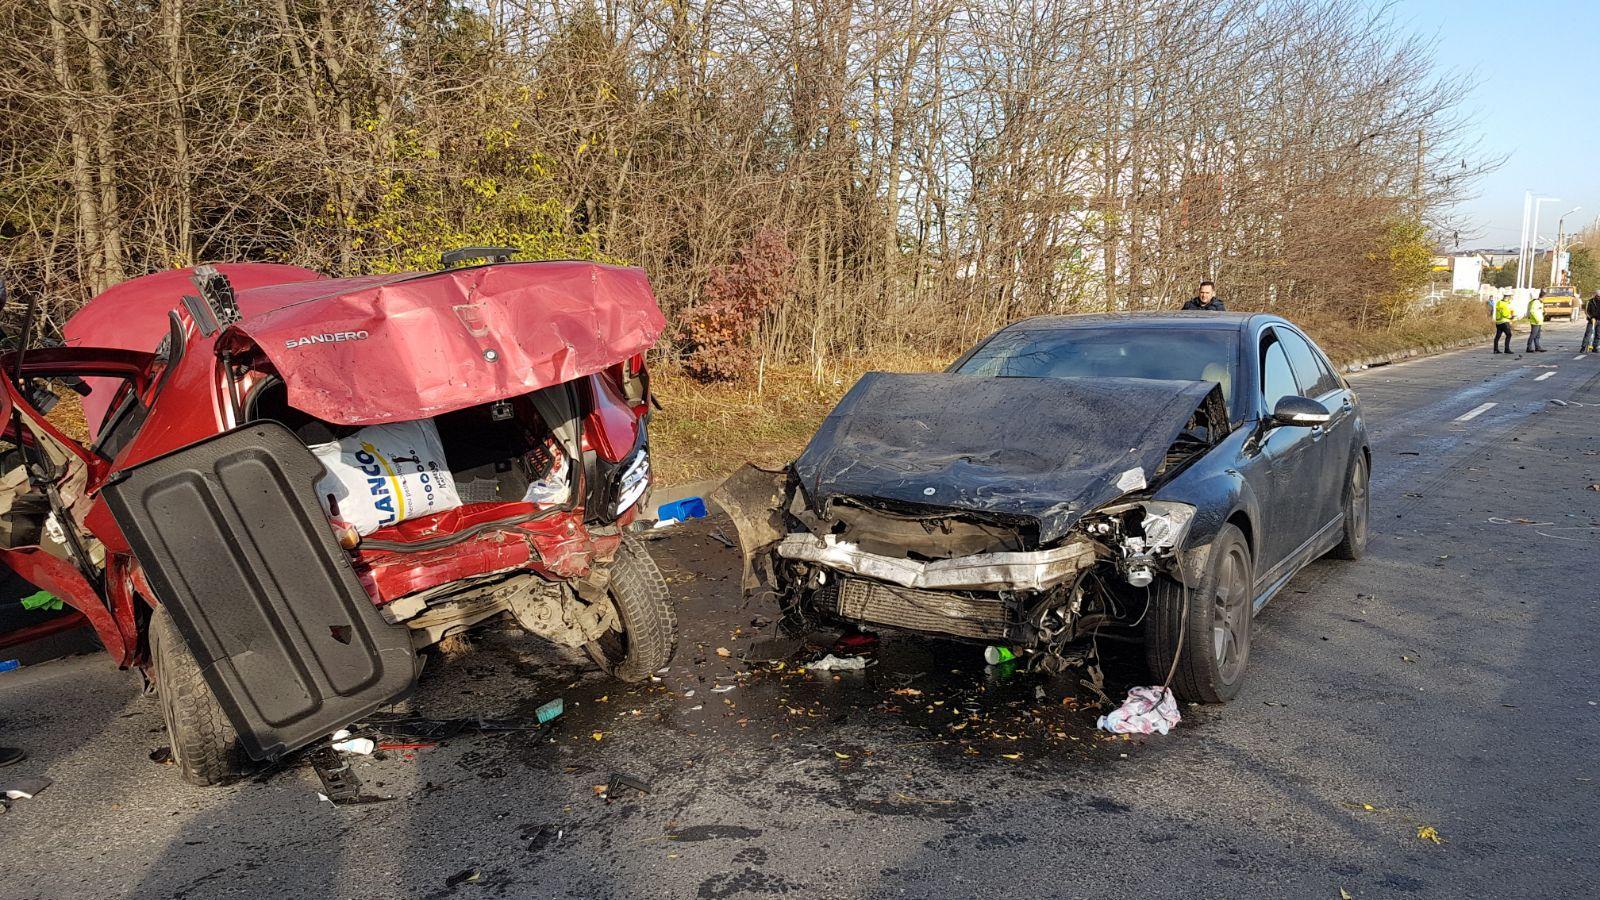 Trei victime, într-un accident la intrarea pe Autostrada A4, în judeţul Constanţa. Traficul, blocat